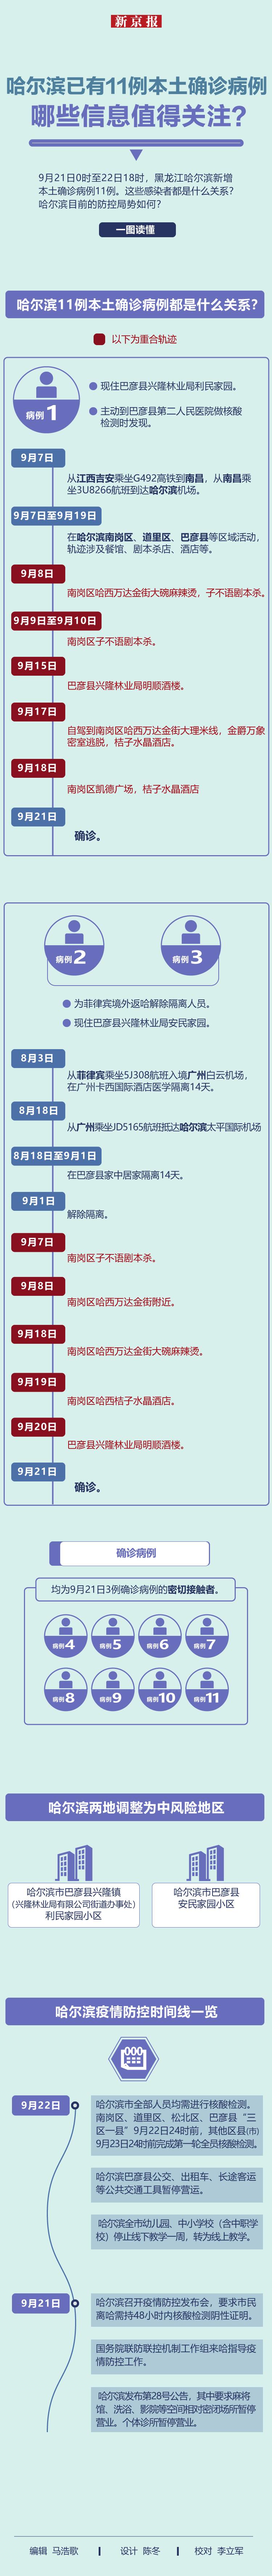 哈尔滨已有11例本土确诊病例 哪些信息值得关注?